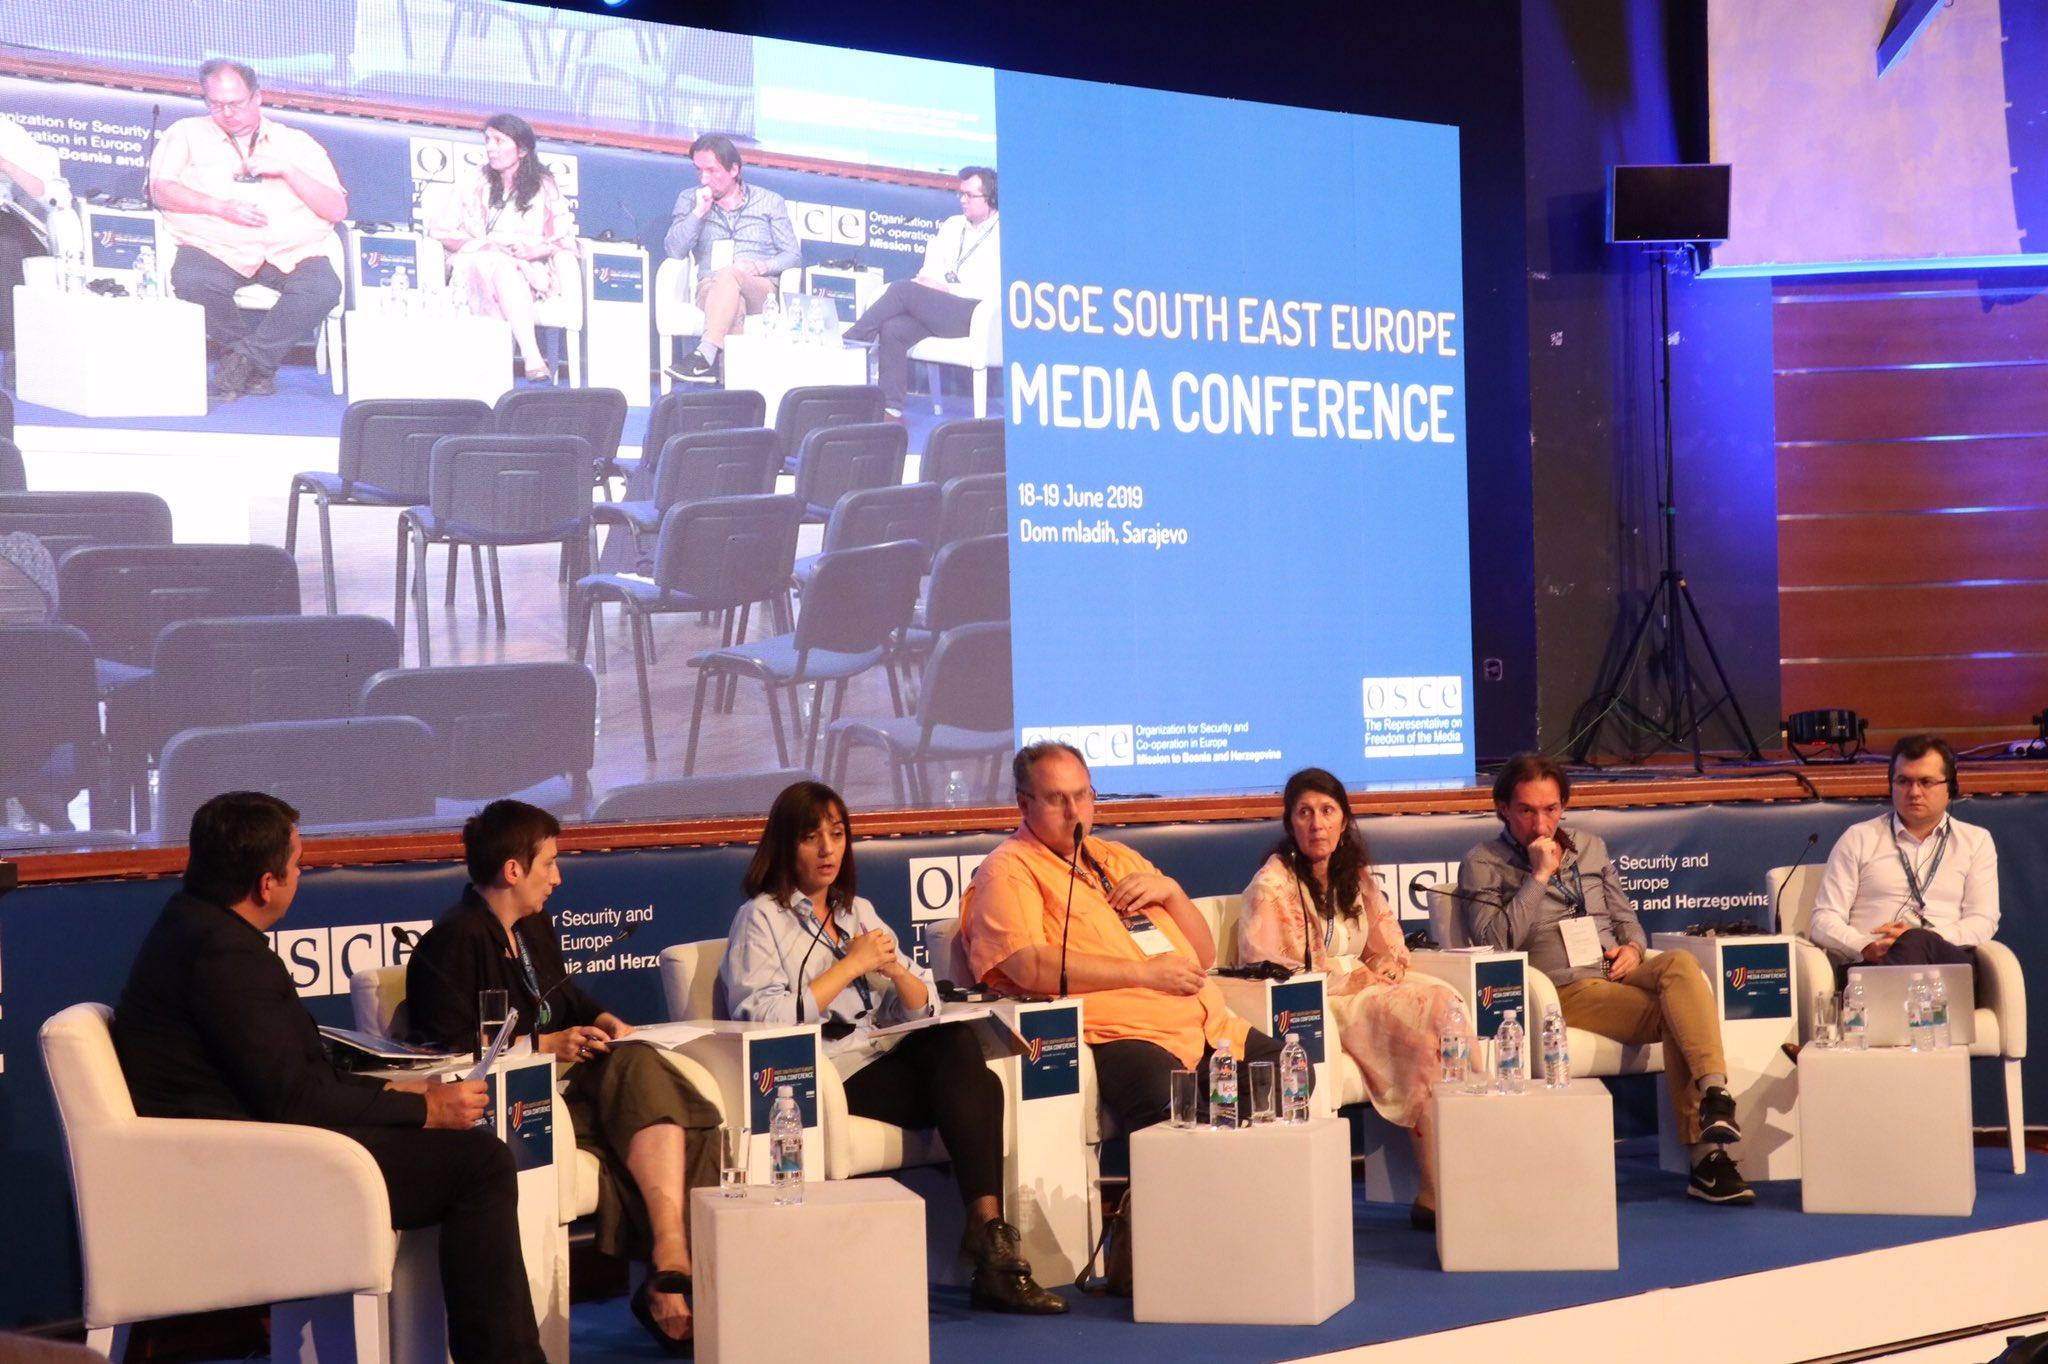 Η ασφάλεια των δημοσιογράφων στο επίκεντρο της 6η Διάσκεψης για τα Μέσα Μαζικής Ενημέρωσης στη Νοτιοανατολική Ευρώπη